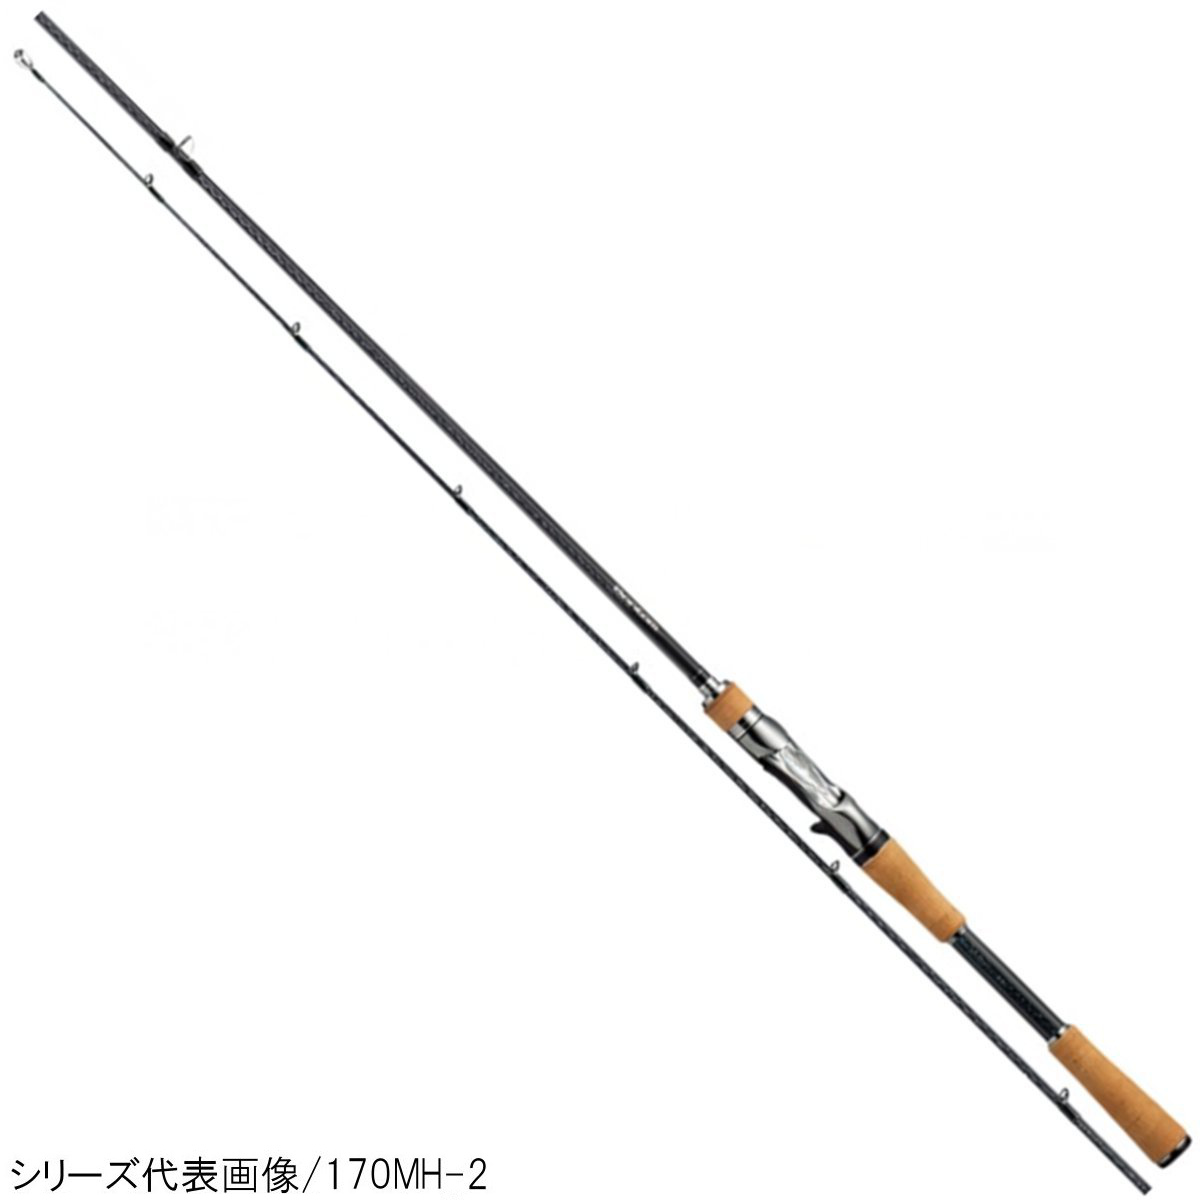 シマノ バンタム センターカット2ピース ベイトキャスティングモデル 170M-2(東日本店)